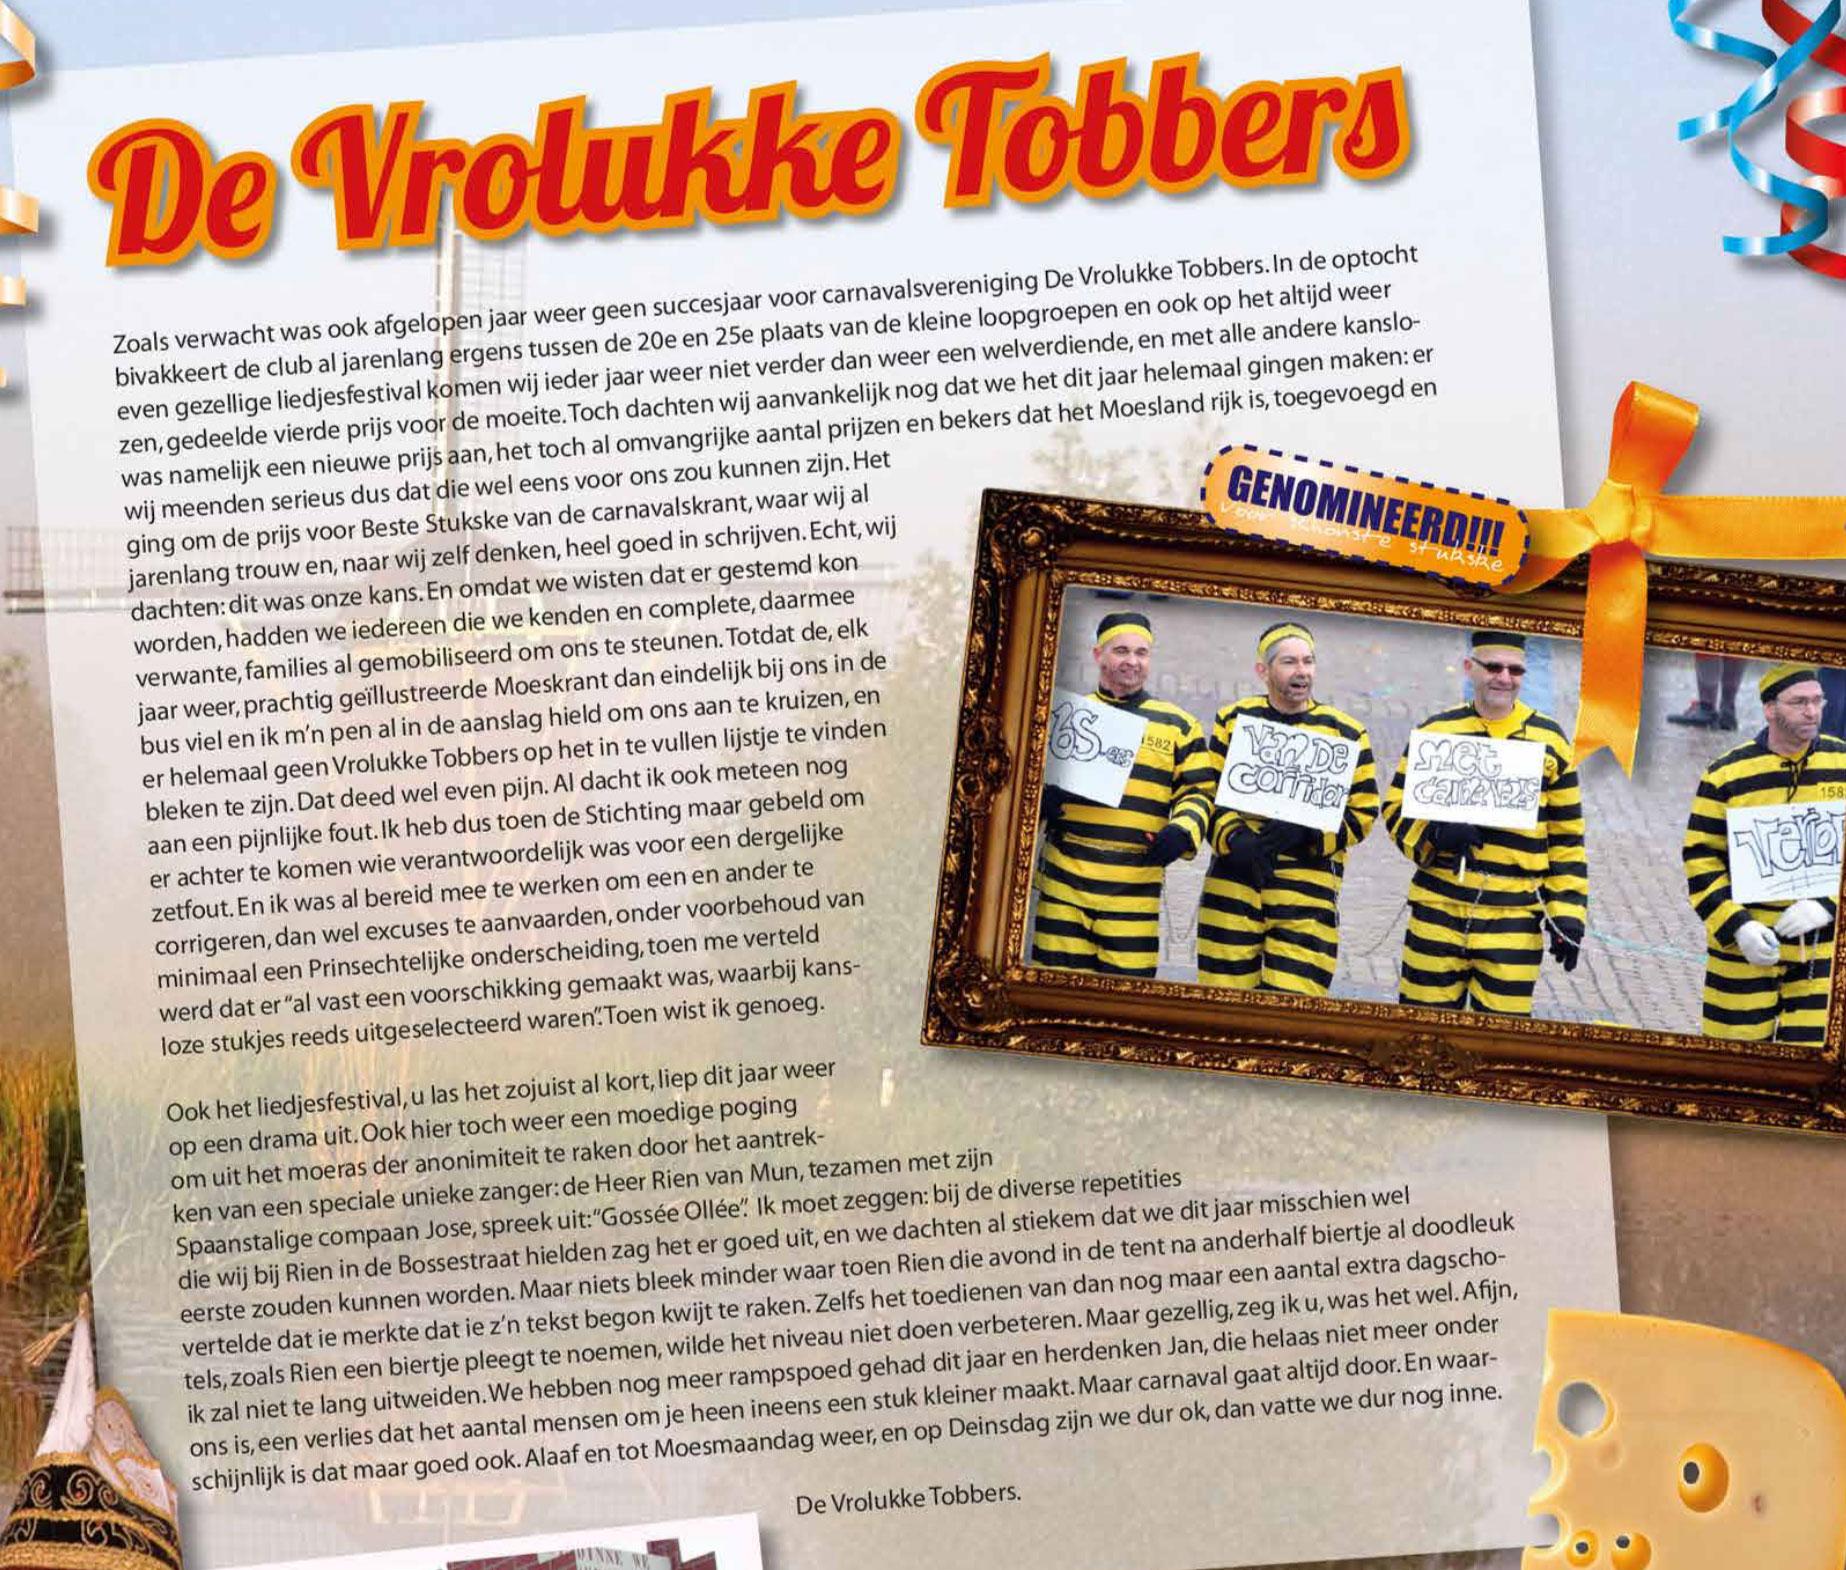 Stukje uit de carnavalskrant van De Vrolukke Tobbers - 2011